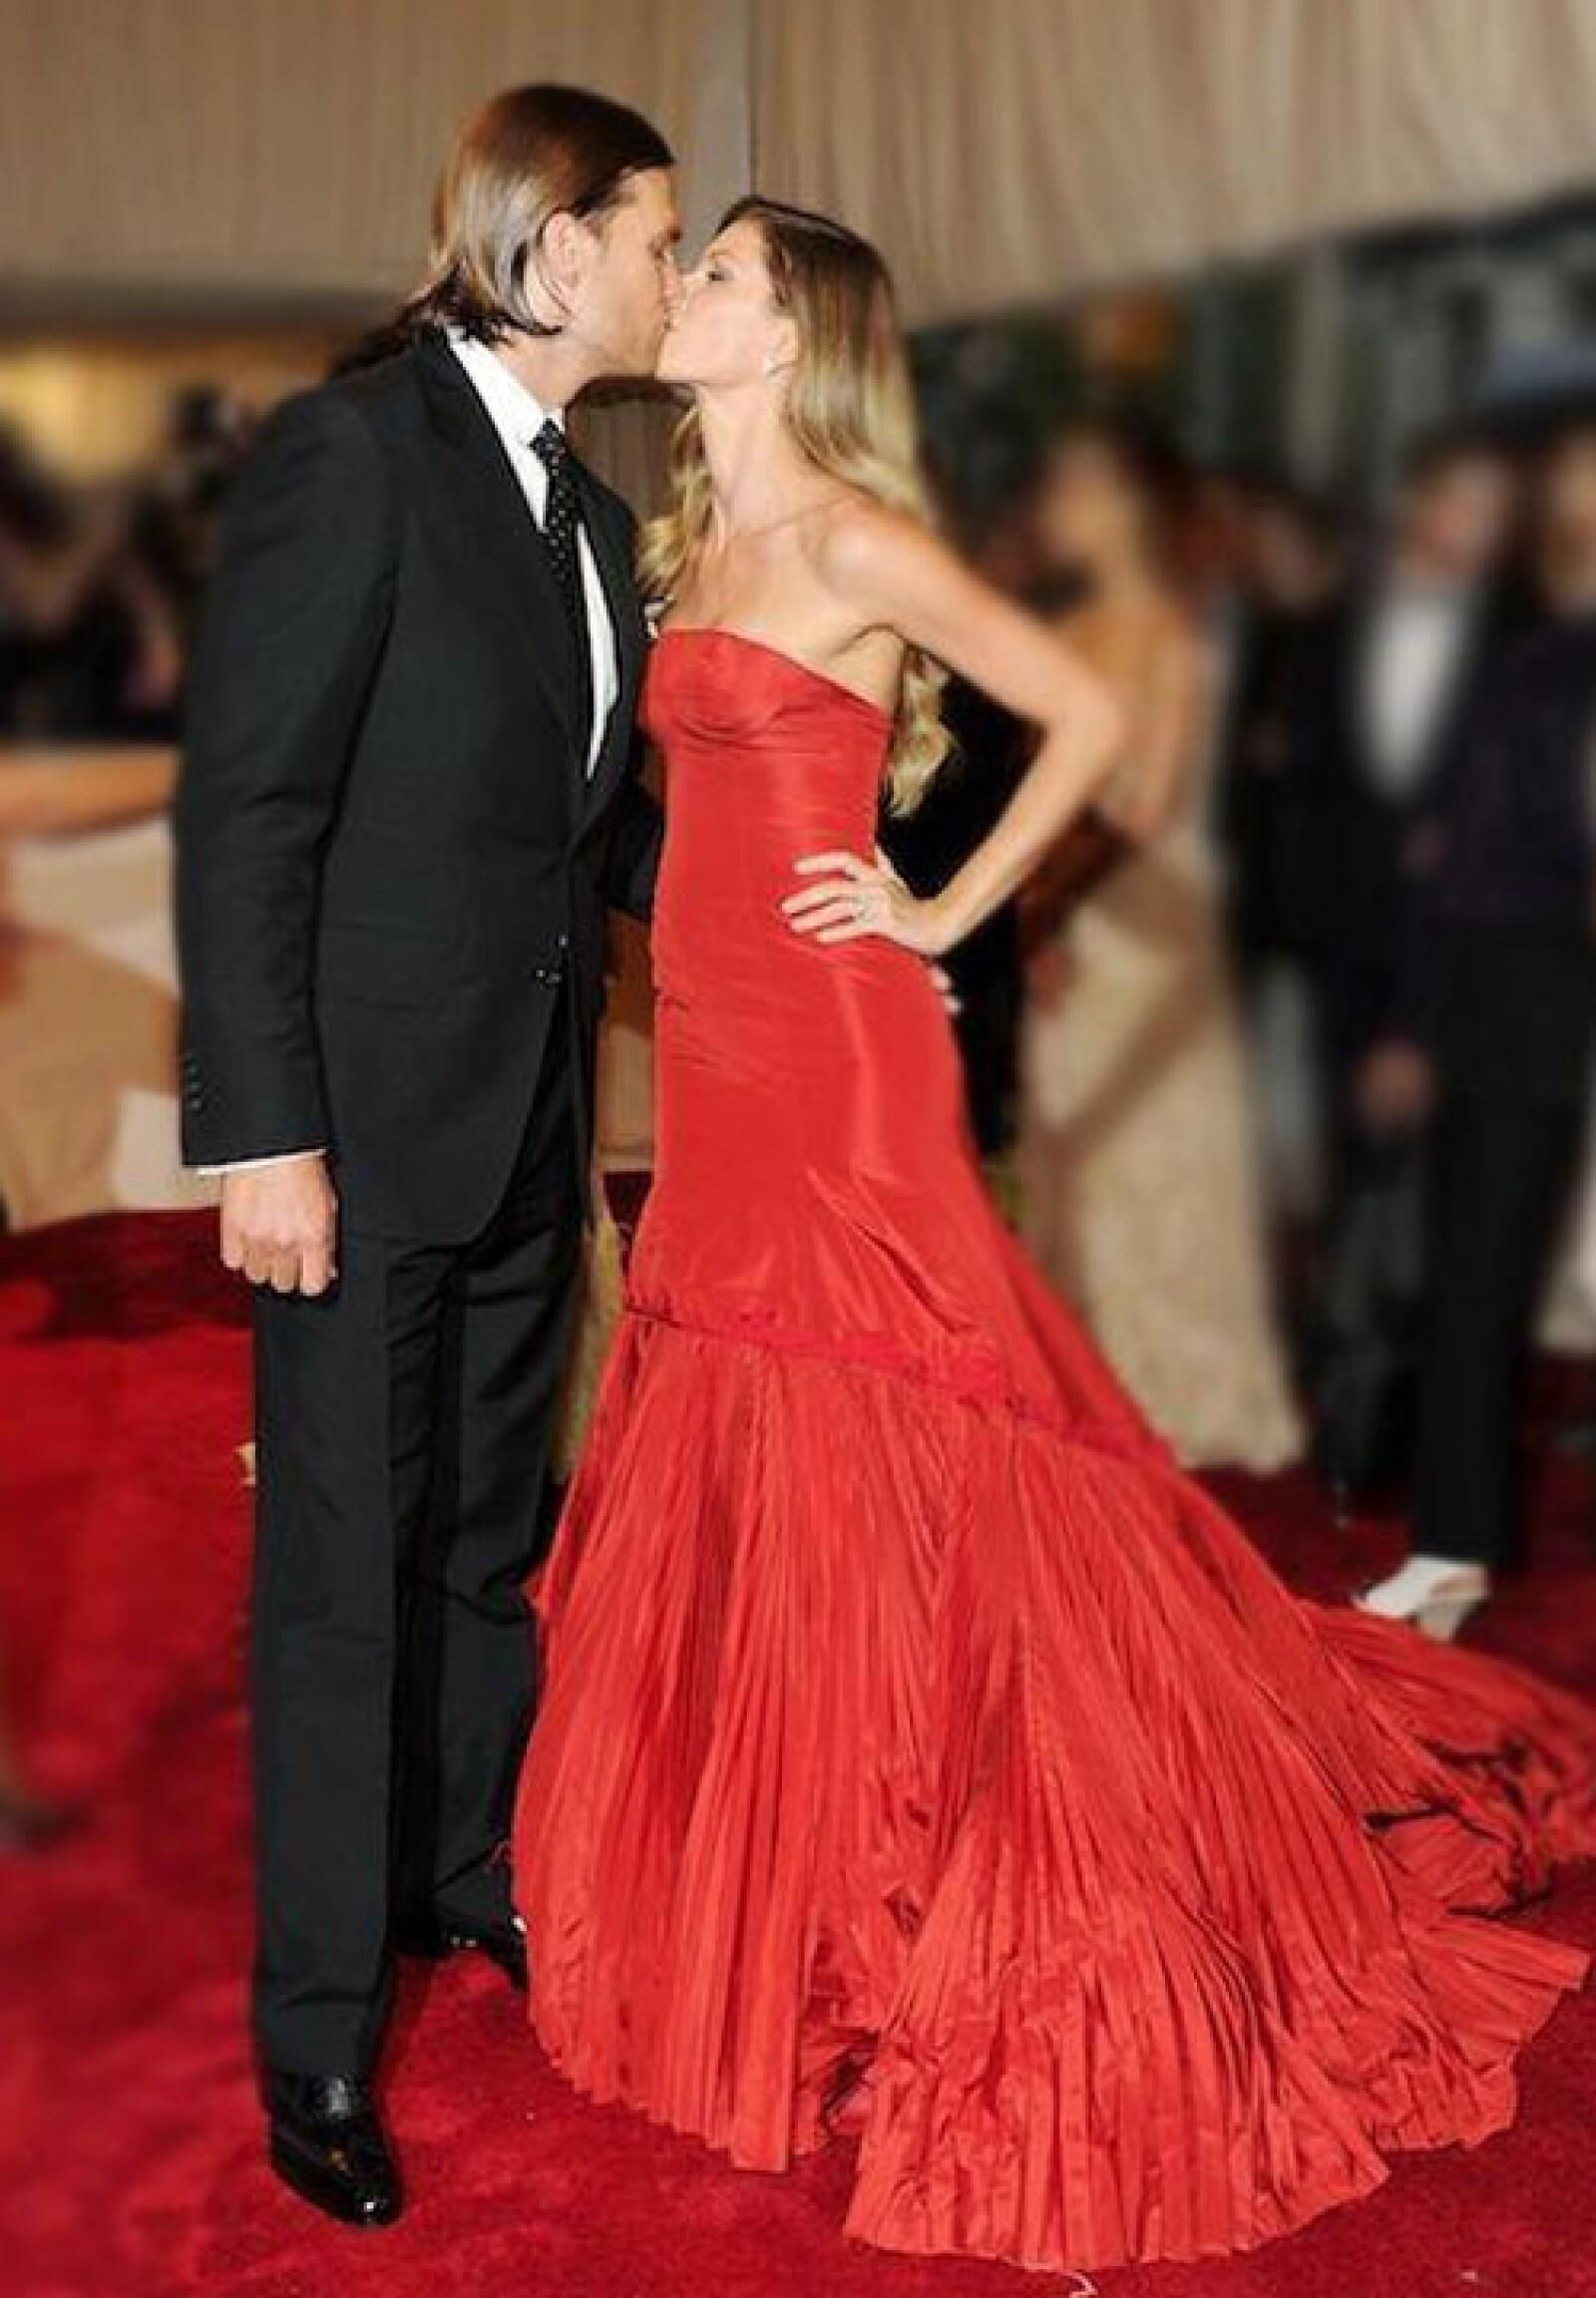 Gisele Bundchen compartió esta foto con su también guapo esposo Tom Brady en Facebook. ` Feliz Día de San Valentín a todos, derrochemos amor´, comentó.